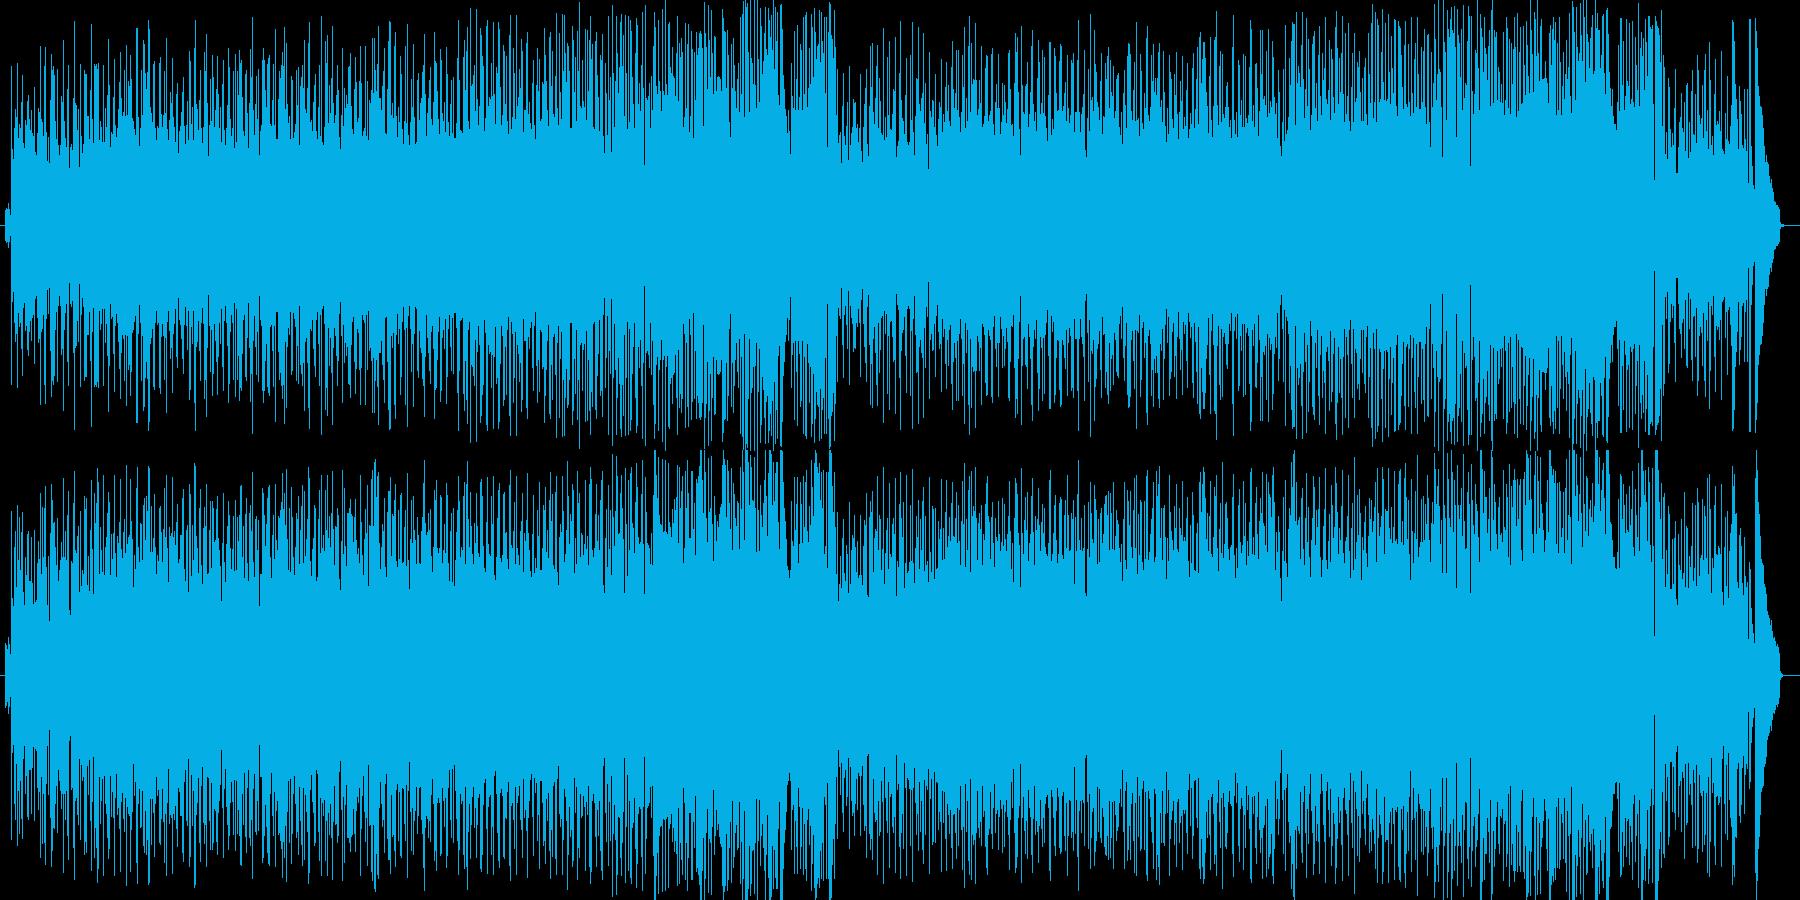 カントリーを基調にした楽曲です。ハーモ…の再生済みの波形